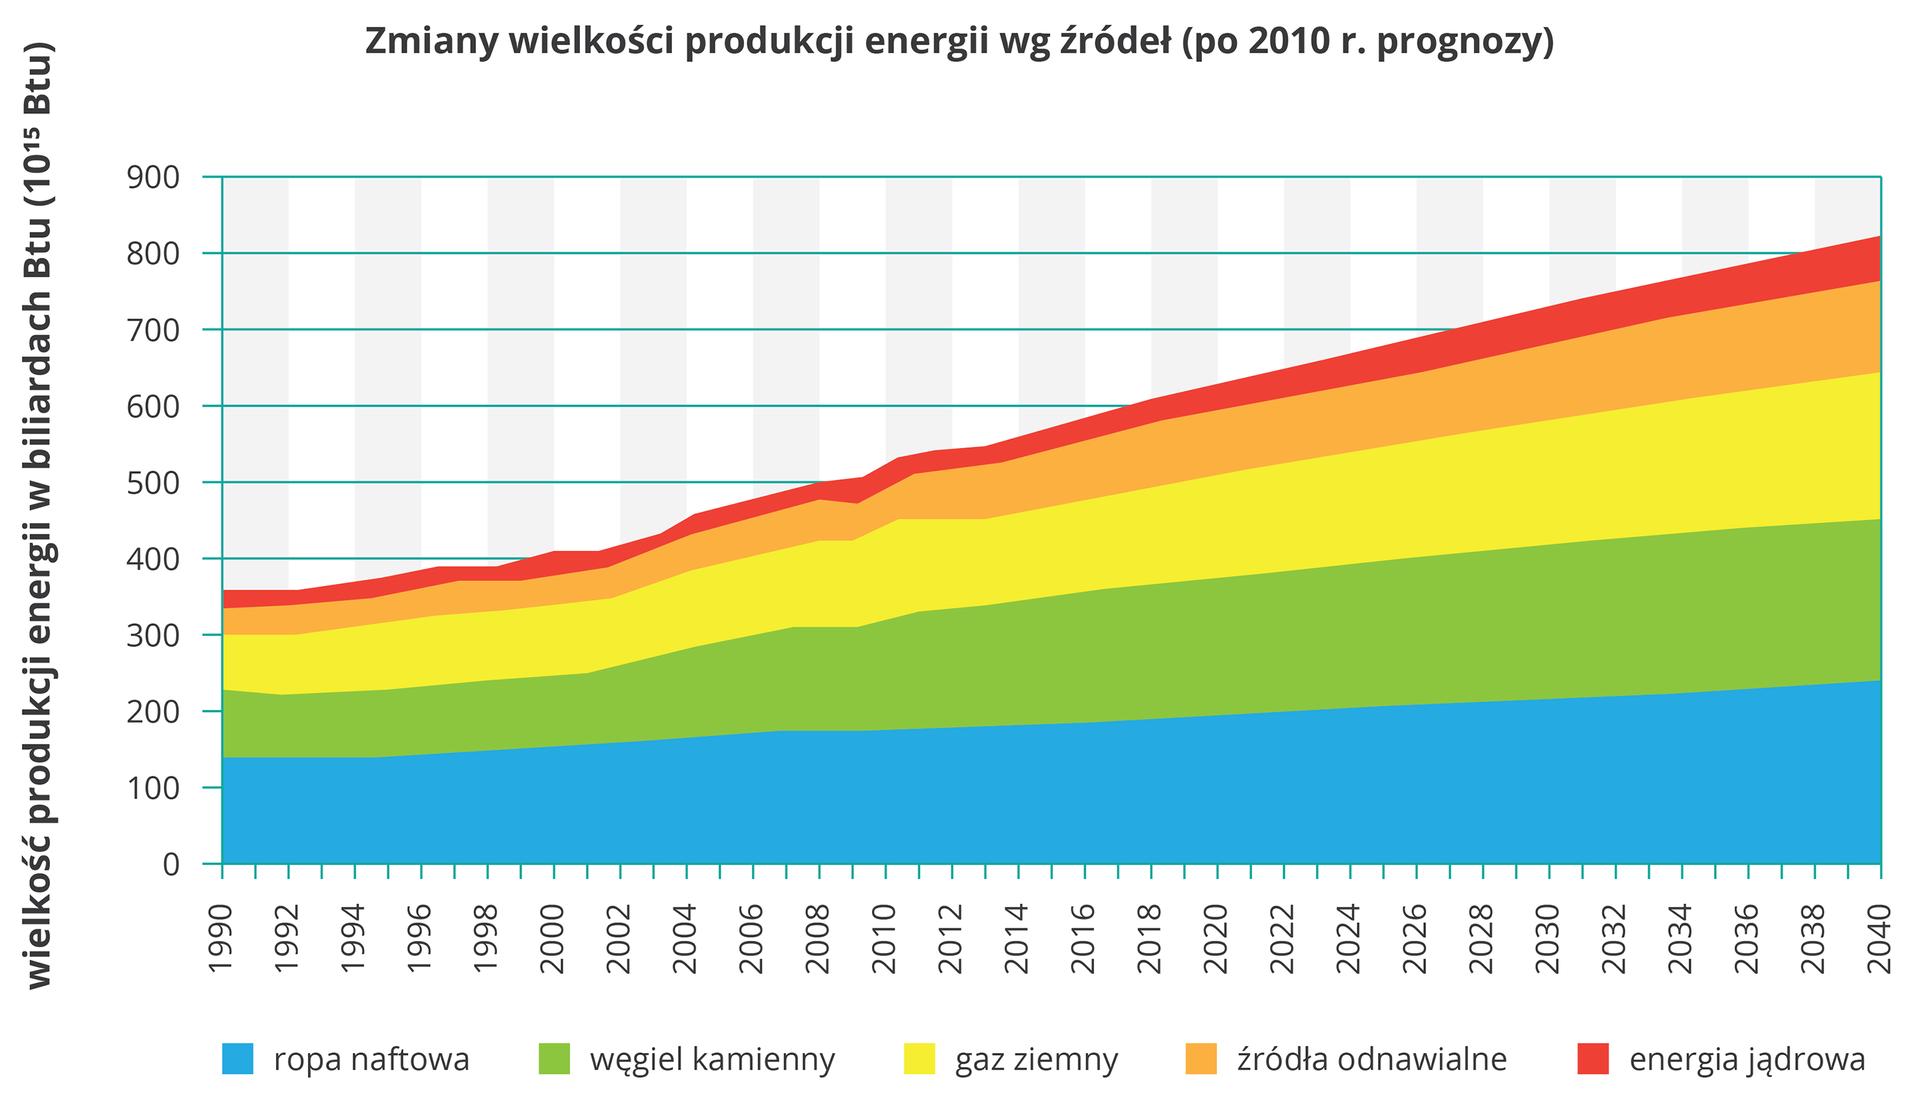 """Na ilustracji wykres skumulowany warstwowy. Zlewej strony na osi pionowej opisano wartości od zera do dziewięciuset (wielkość produkcji energii wbiliardach """"be te u""""). Na osi poziomej opisano lata od tysiąc dziewięćset dziewięćdziesiąt do dwa tysiące czterdzieści. Kolorami przedstawiono produkcję energii: ropa naftowa, niebieski, węgiel kamienny, zielony, gaz ziemny, żółty, źródła odnawialne, pomarańczowy, energia jądrowa, czerwony. Wartości rosną. Najwięcej koloru niebieskiego izielonego, najmniej koloru czerwonego."""